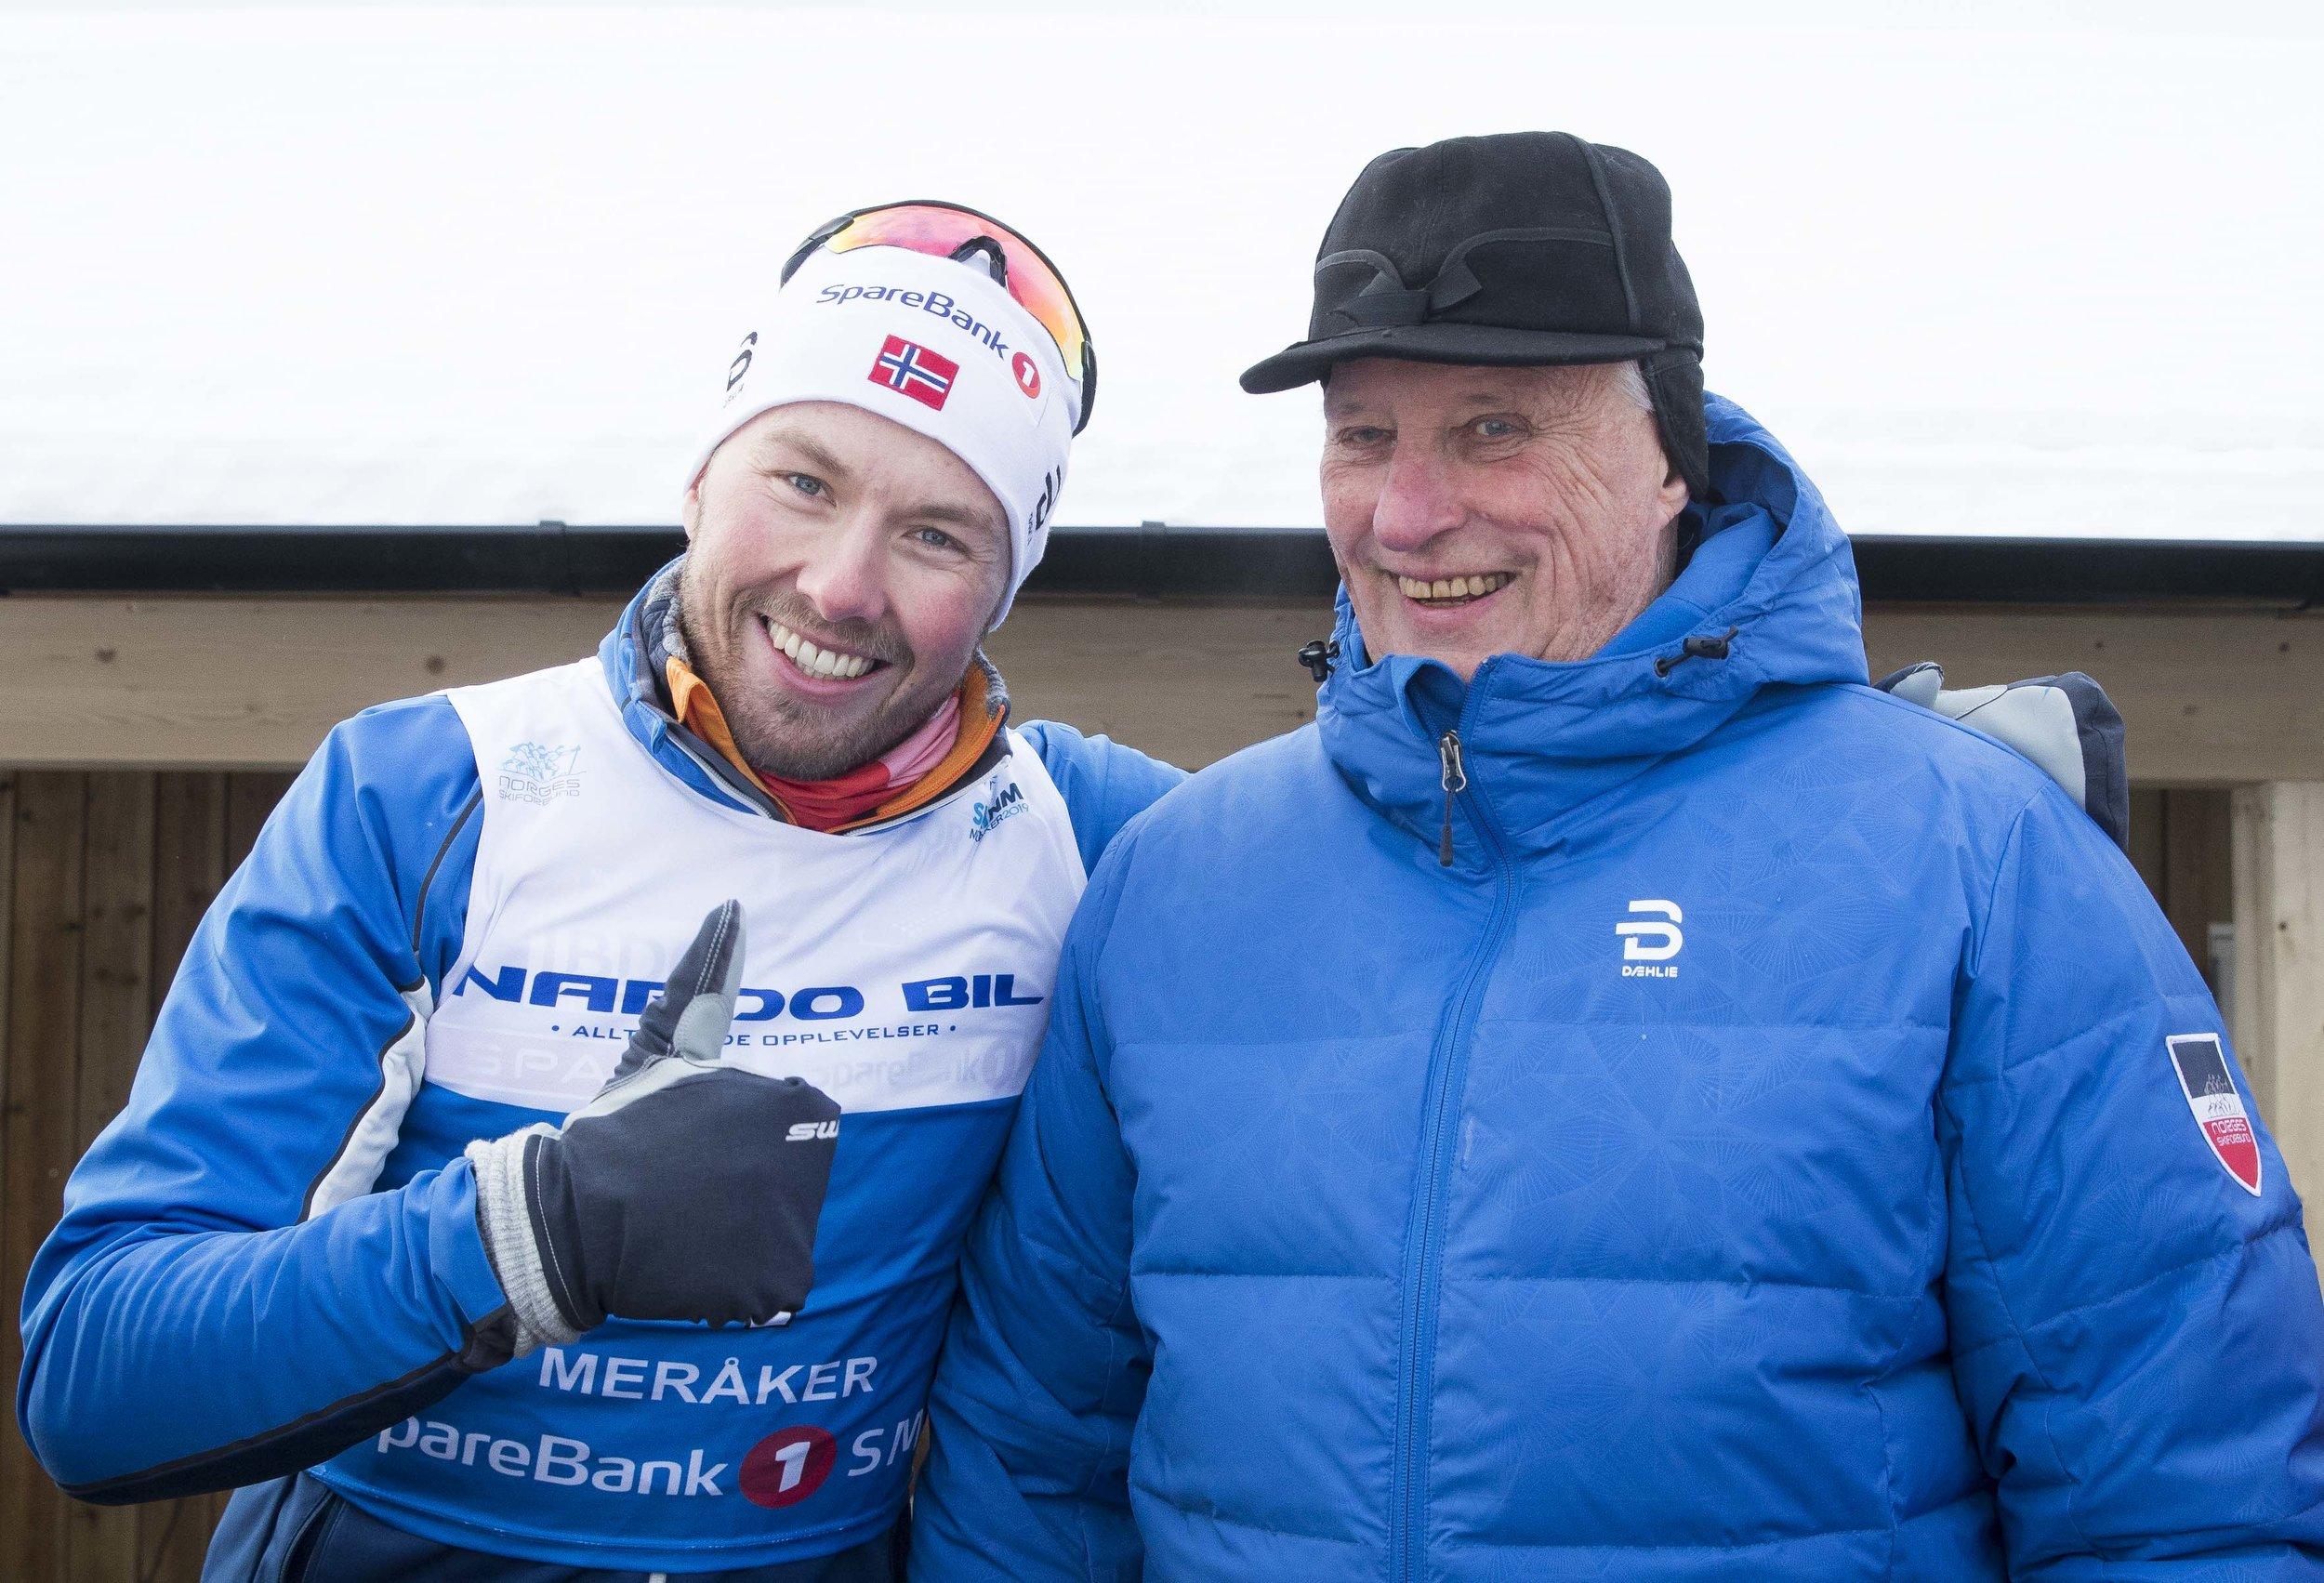 Emil Iversen fikk snakke mye med kong Harald under NM på ski. FOTO: Terje Pedersen/NTB scanpix